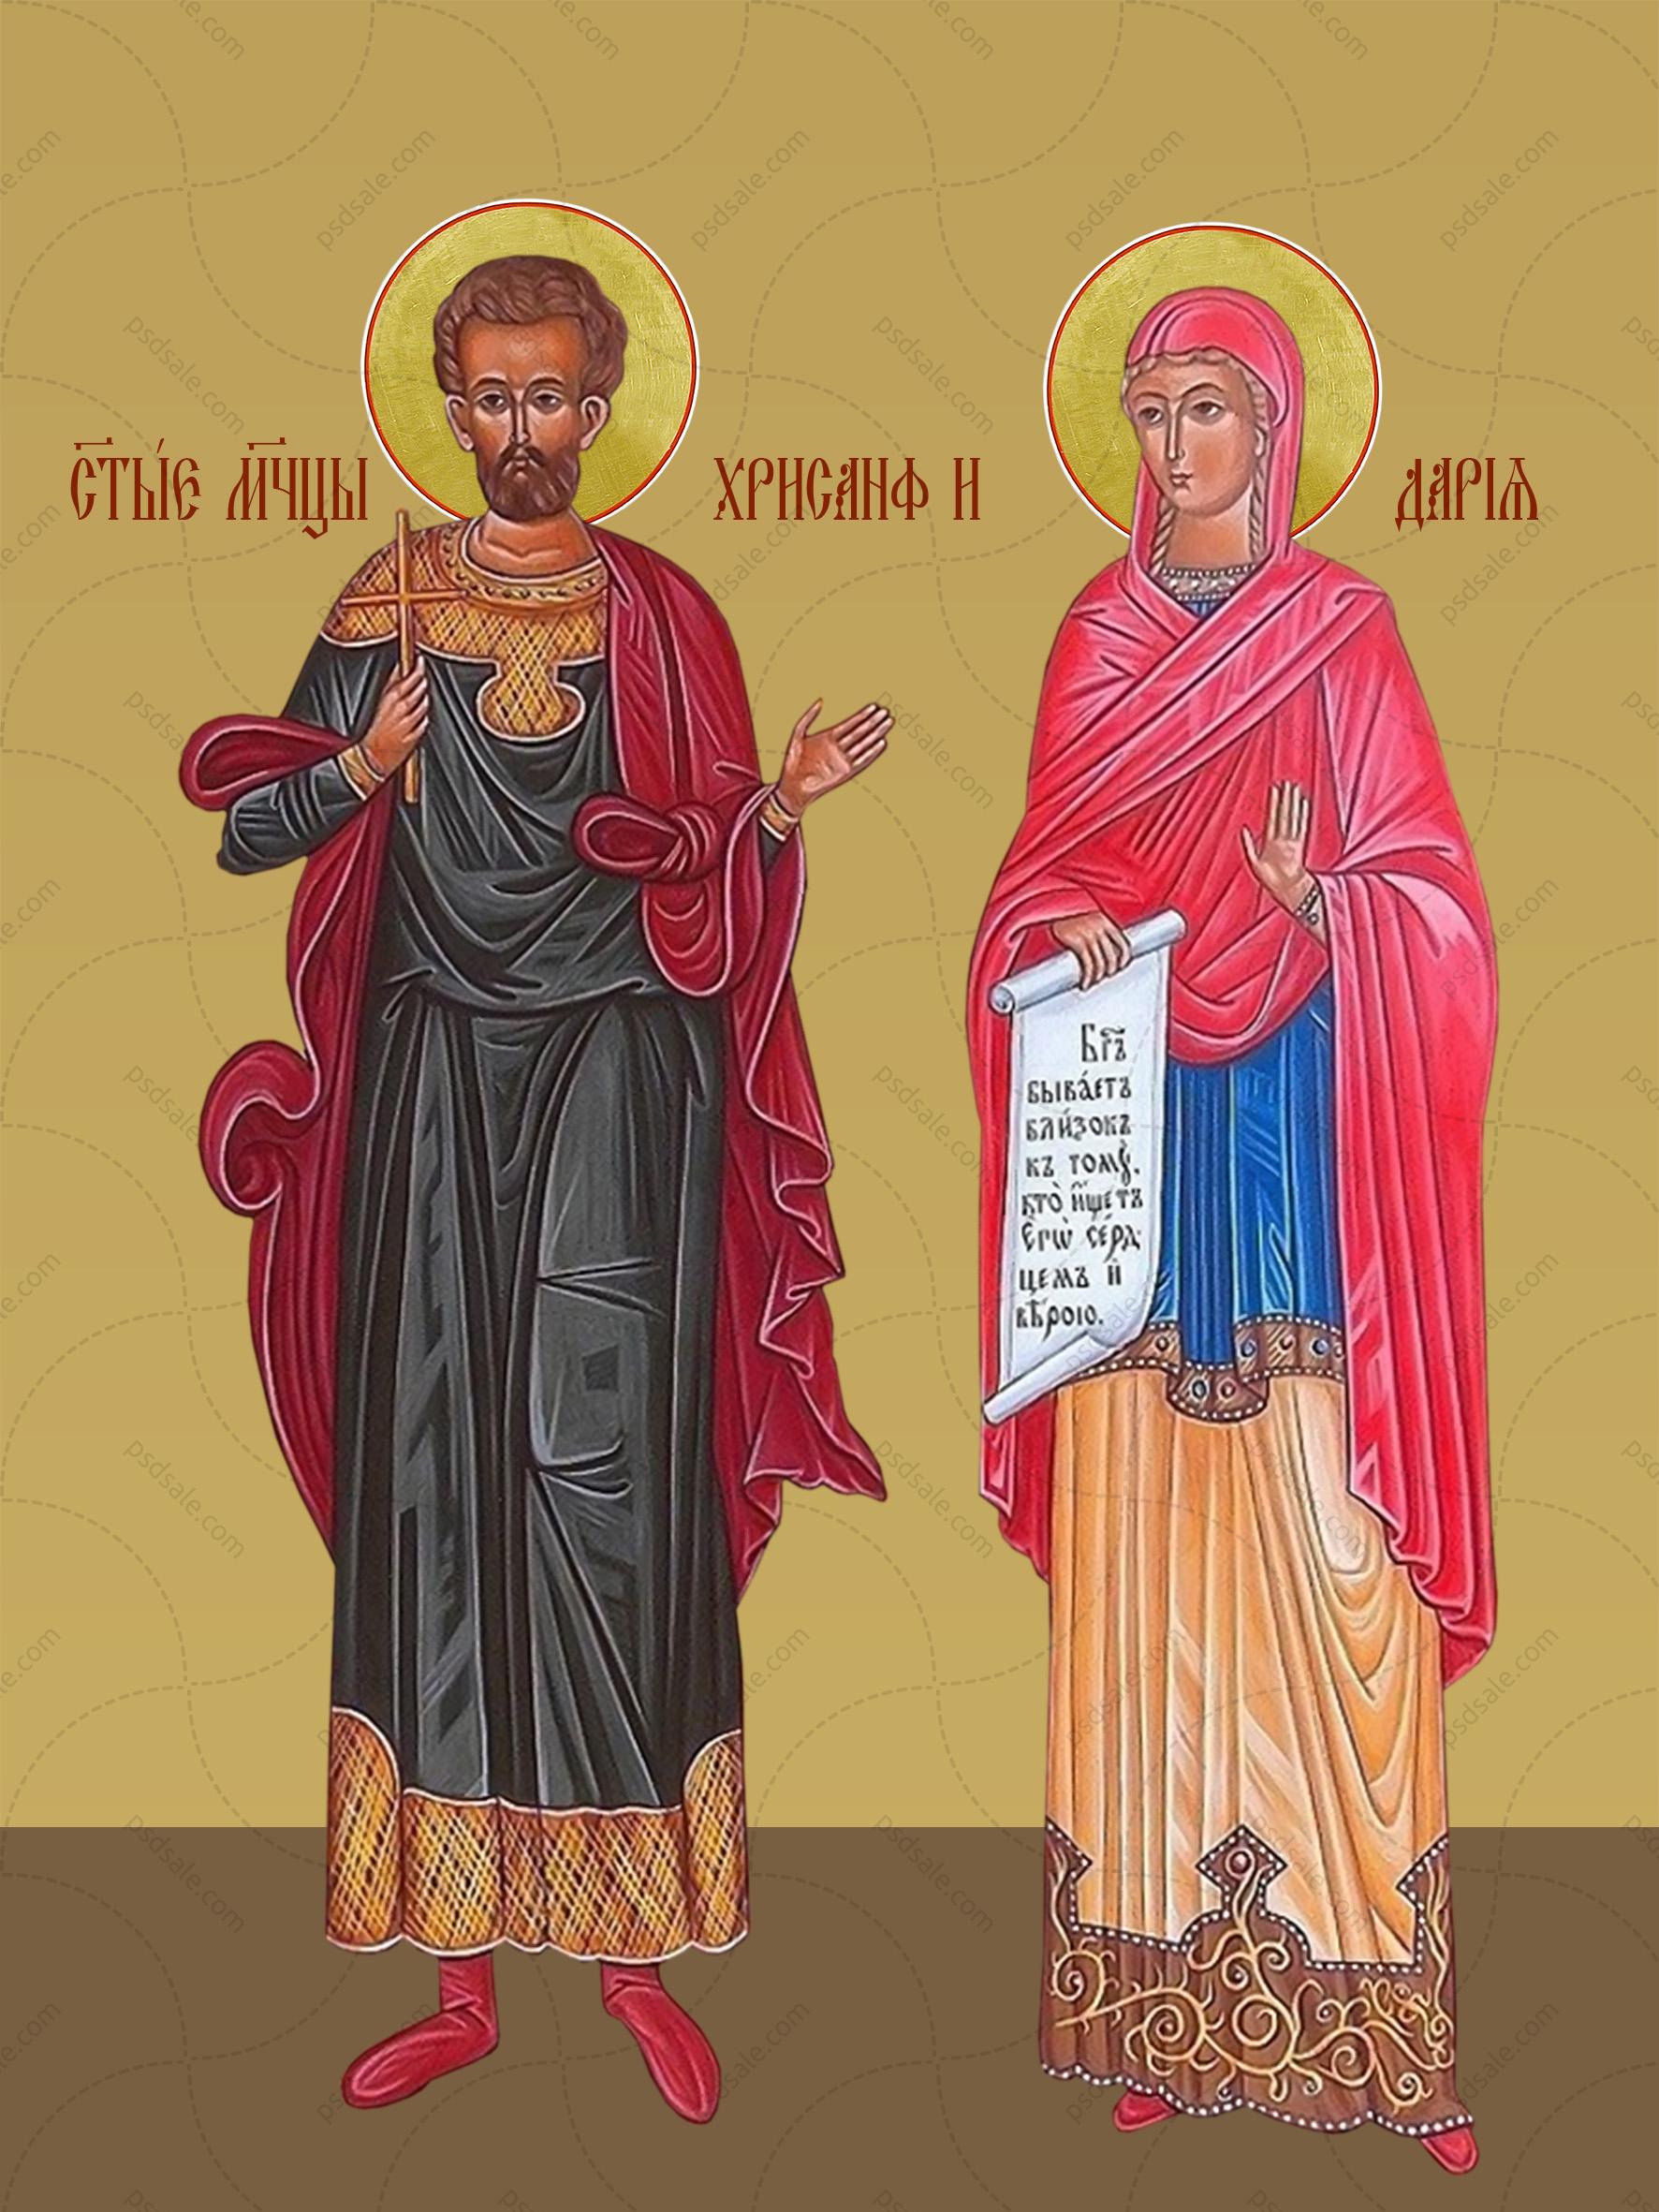 Хрисанф и Дария